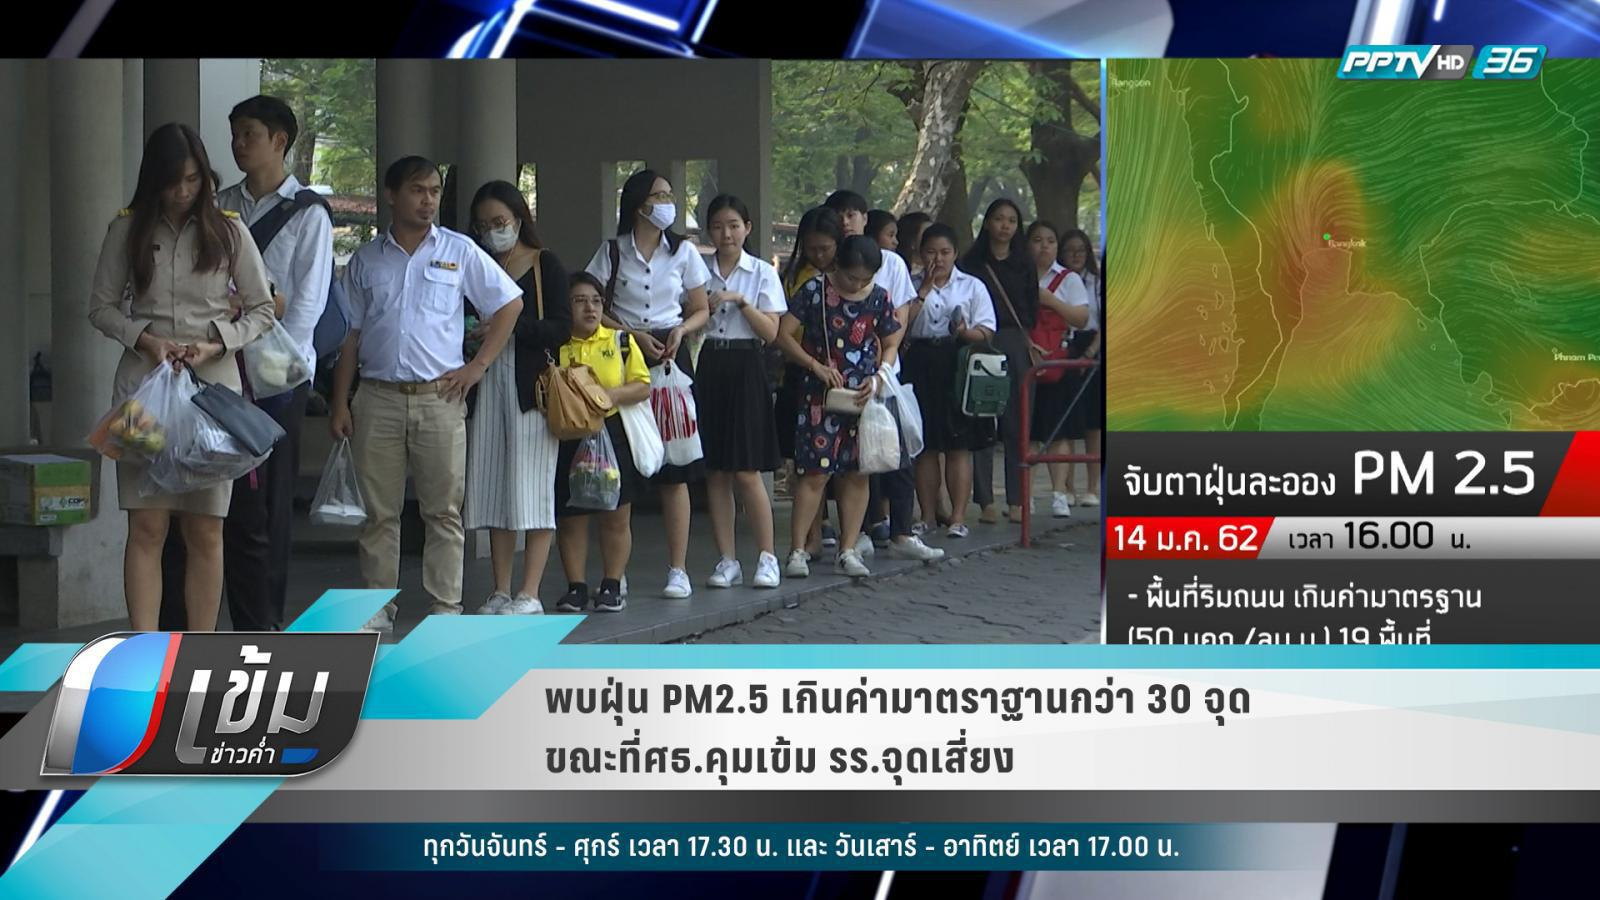 พบฝุ่น PM2.5 เกินค่ามาตราฐานกว่า 30 จุด ขณะที่ศธ.คุมเข้ม รร.จุดเสี่ยง